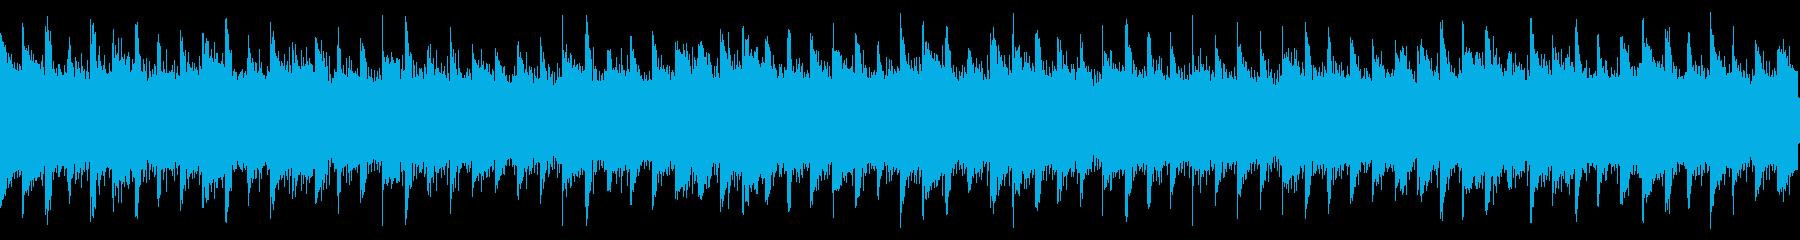 切ない雰囲気のアコギセンチメンタルループの再生済みの波形